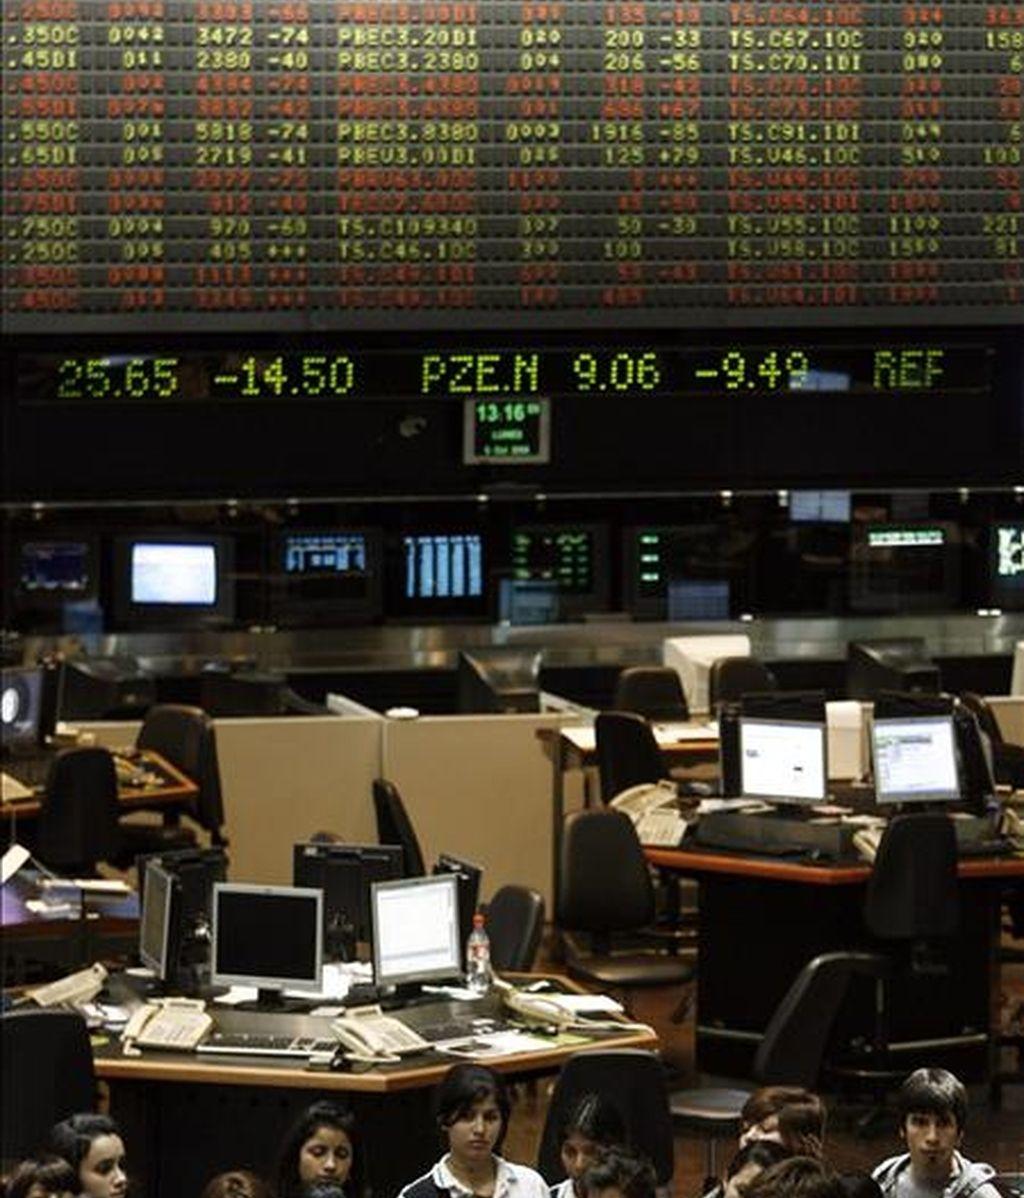 El volumen de negocios con acciones totalizó 37 millones de pesos (9,9 millones de dólares), con un resultado de 34 subidas, 26 bajadas y ocho títulos sin cambios en su cotización. EFE/Archivo